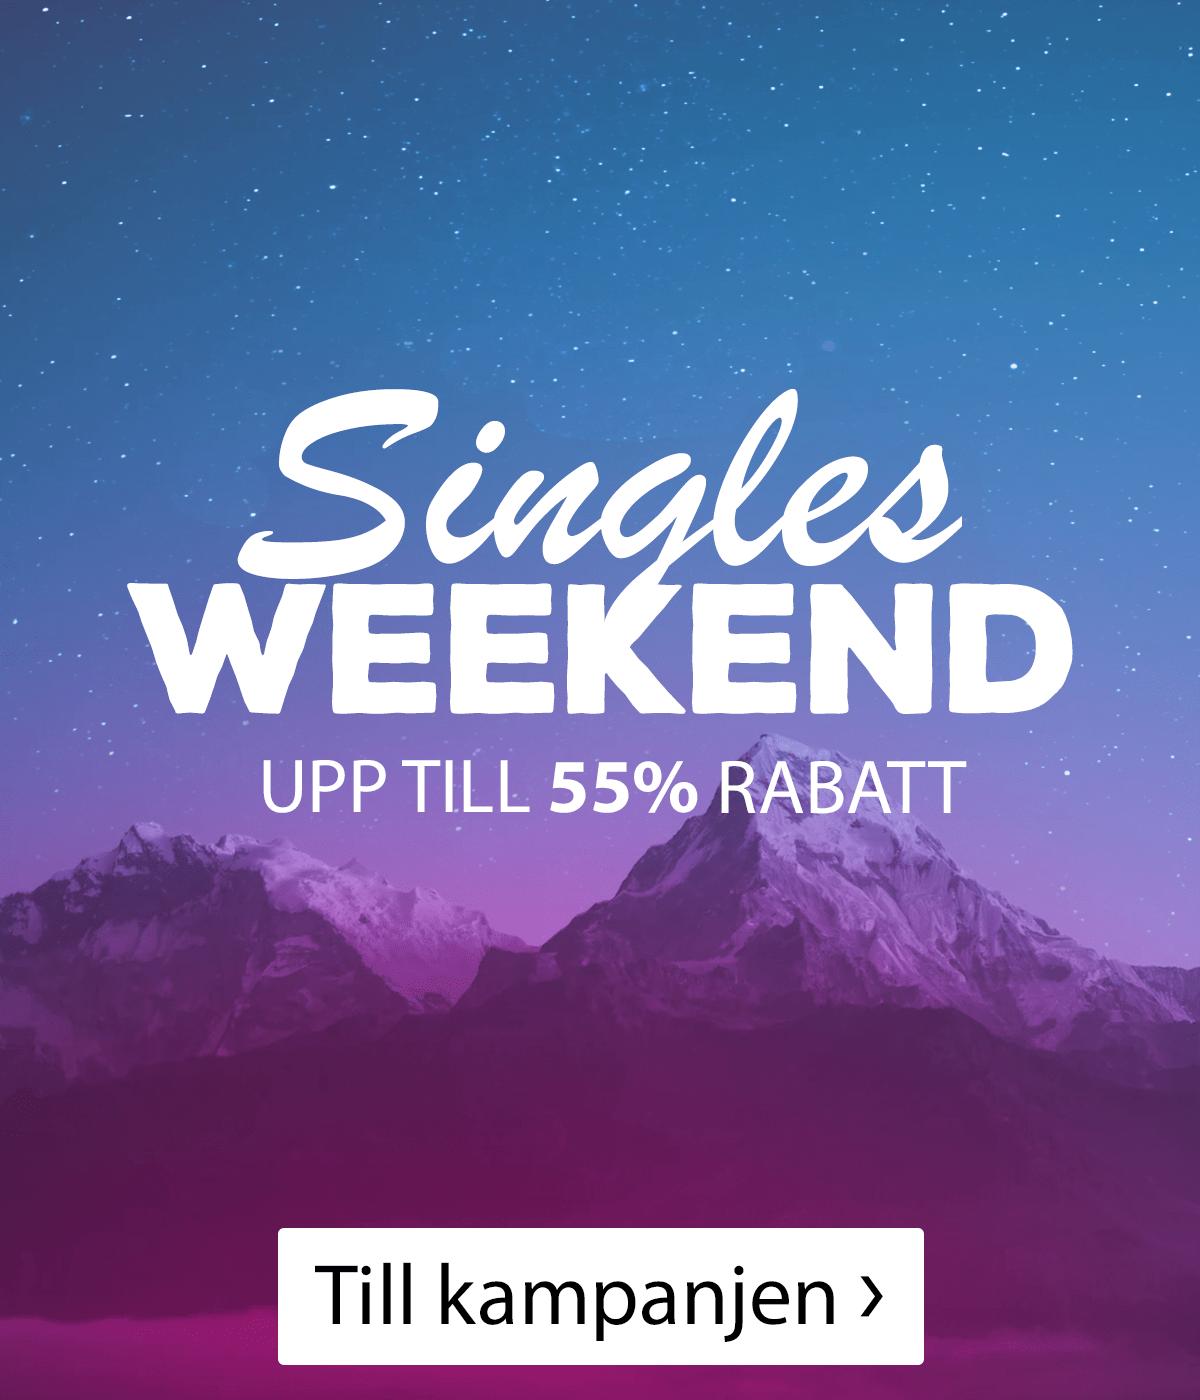 Singles Weekend med kanonpriser. Se här